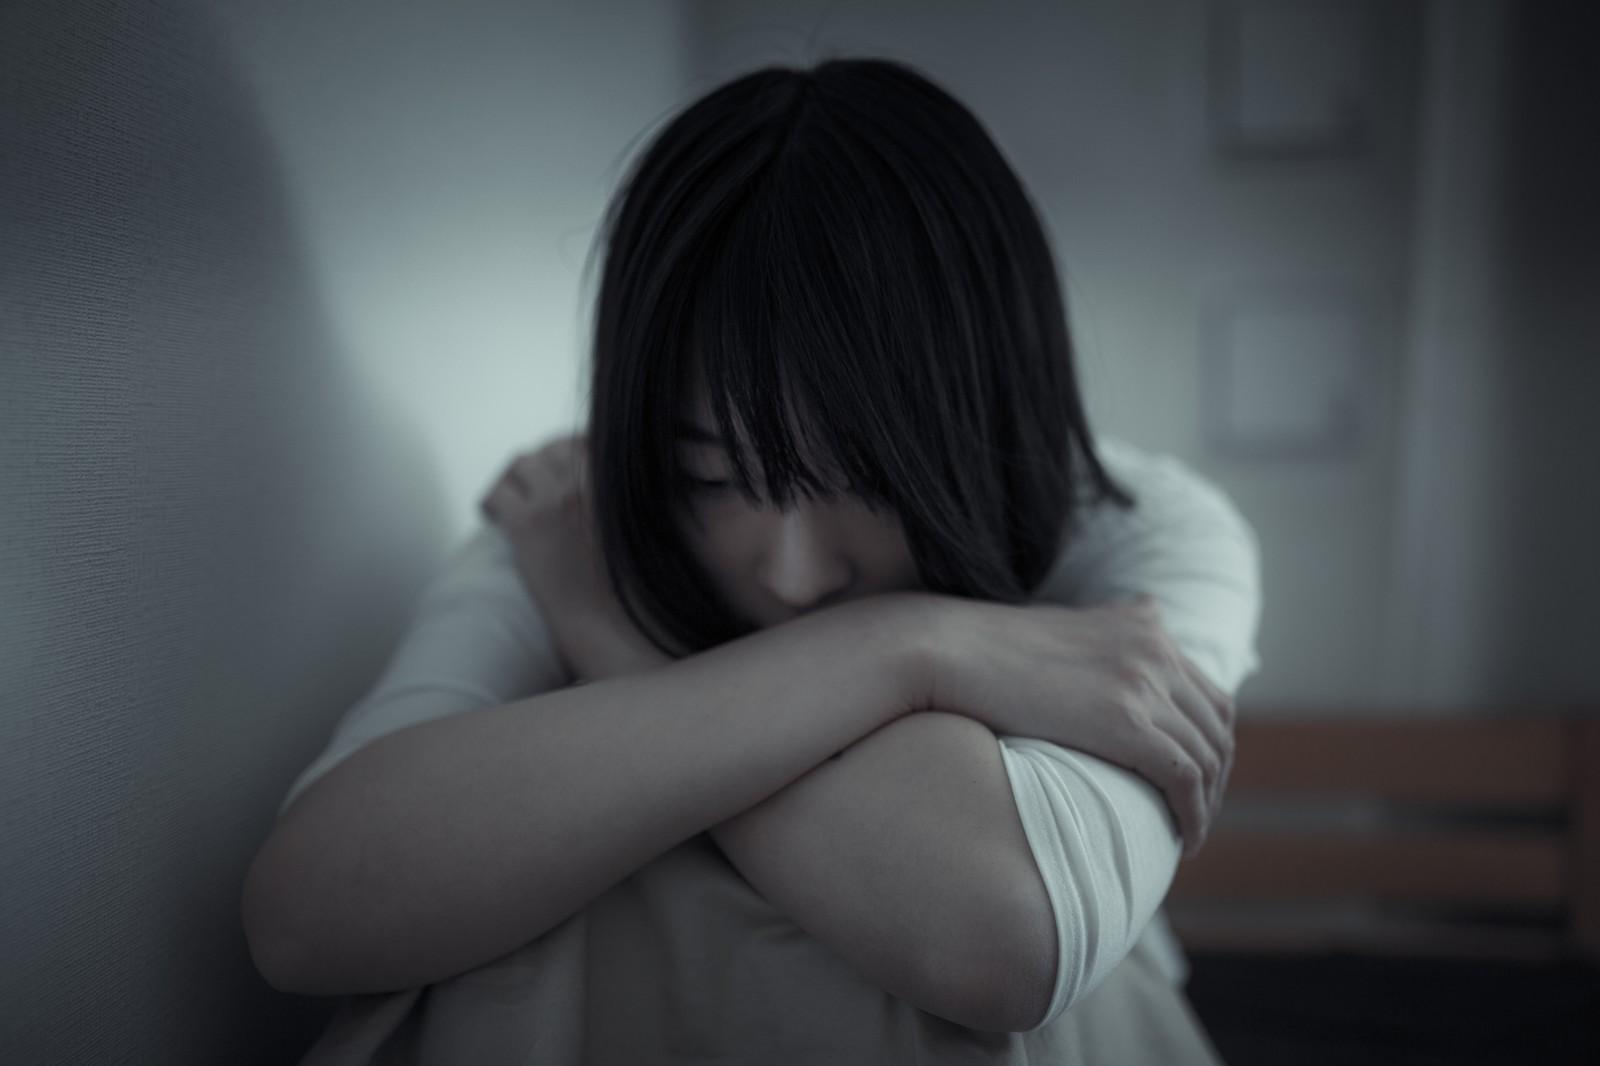 日常心理学:対人恐怖症とは?対人恐怖症の克服方法もご紹介